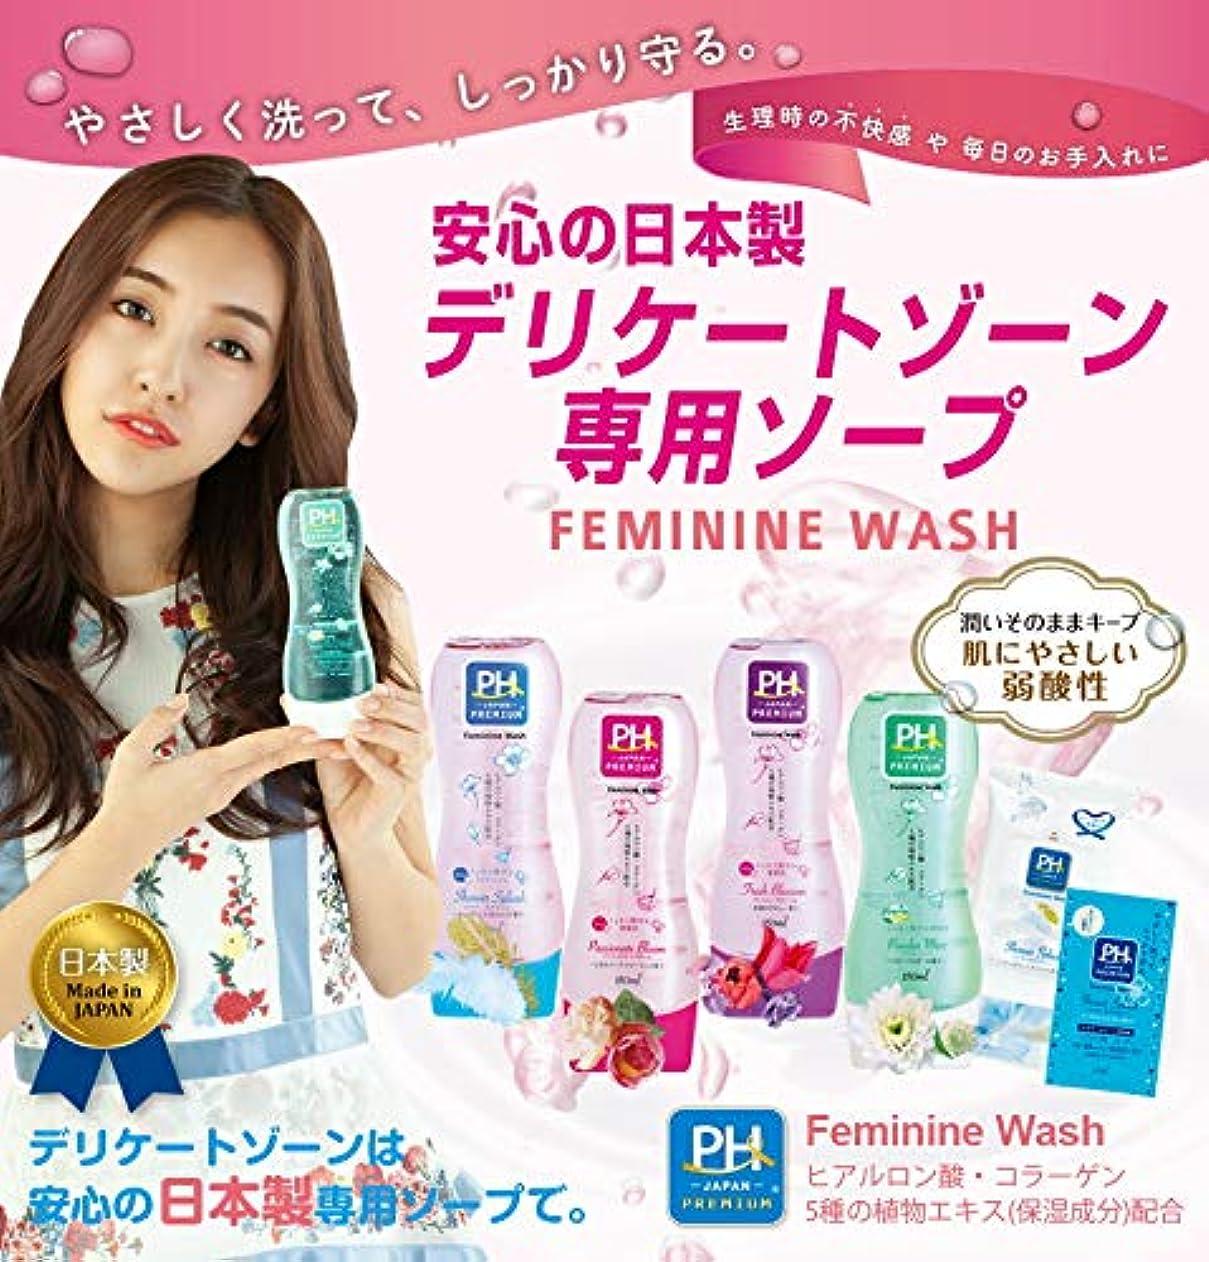 静かな記事審判パウダーミント2本セット PH JAPAN フェミニンウォッシュ ベビーパウダーの香り